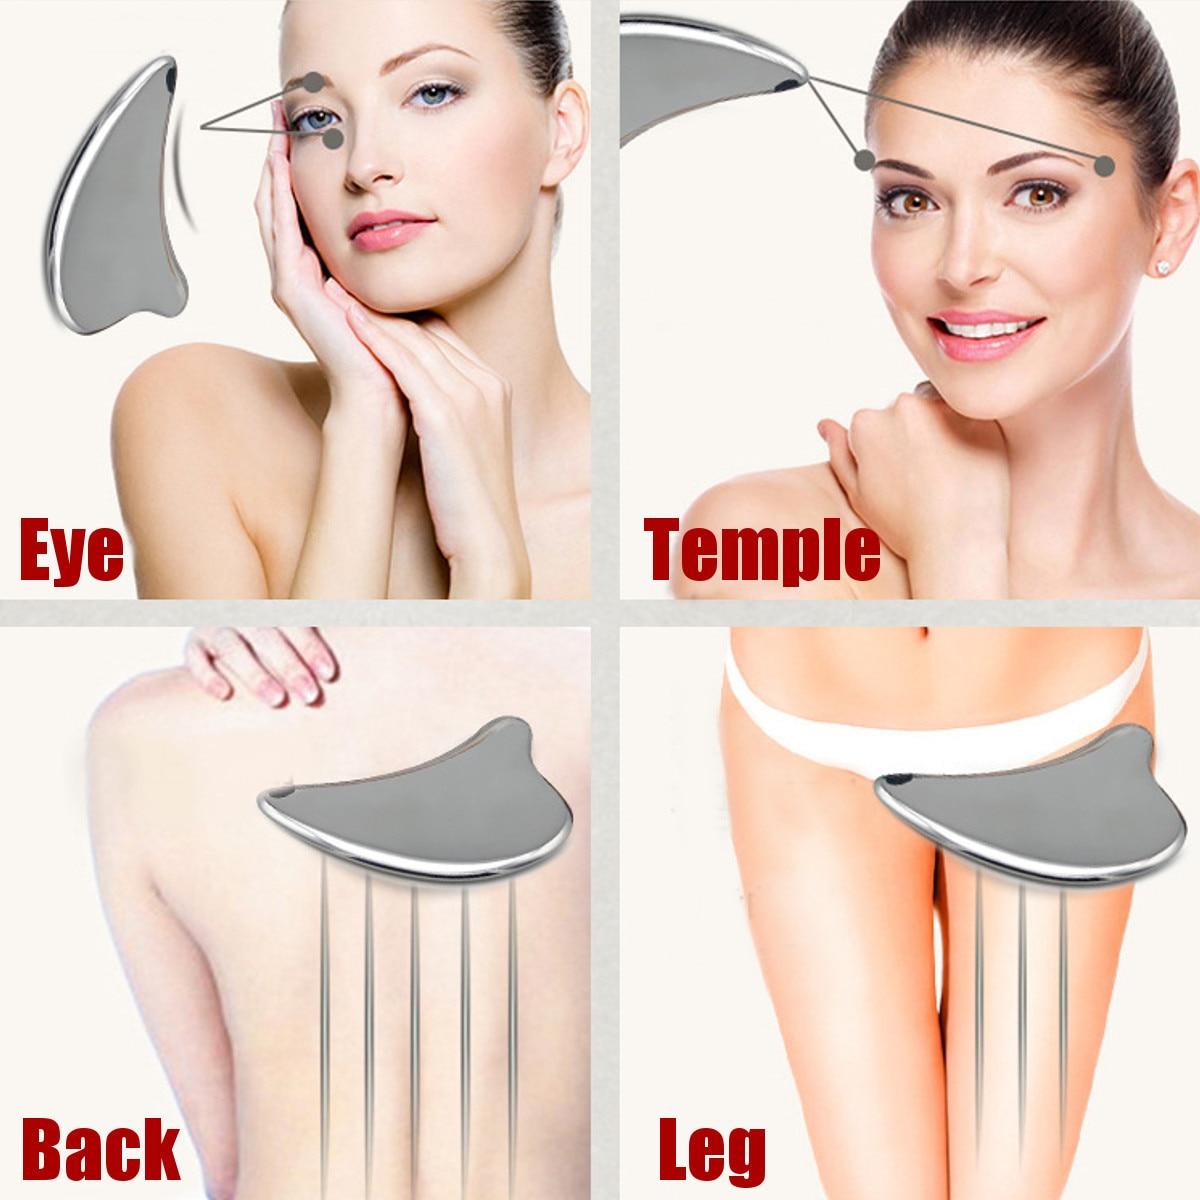 304 ze stali nierdzewnej Gua Sha Guasha narzędzie do masażu skrobak fizykoterapia luźne mięśni Meridian urządzenie do masażu SPA pokładzie narzędzie